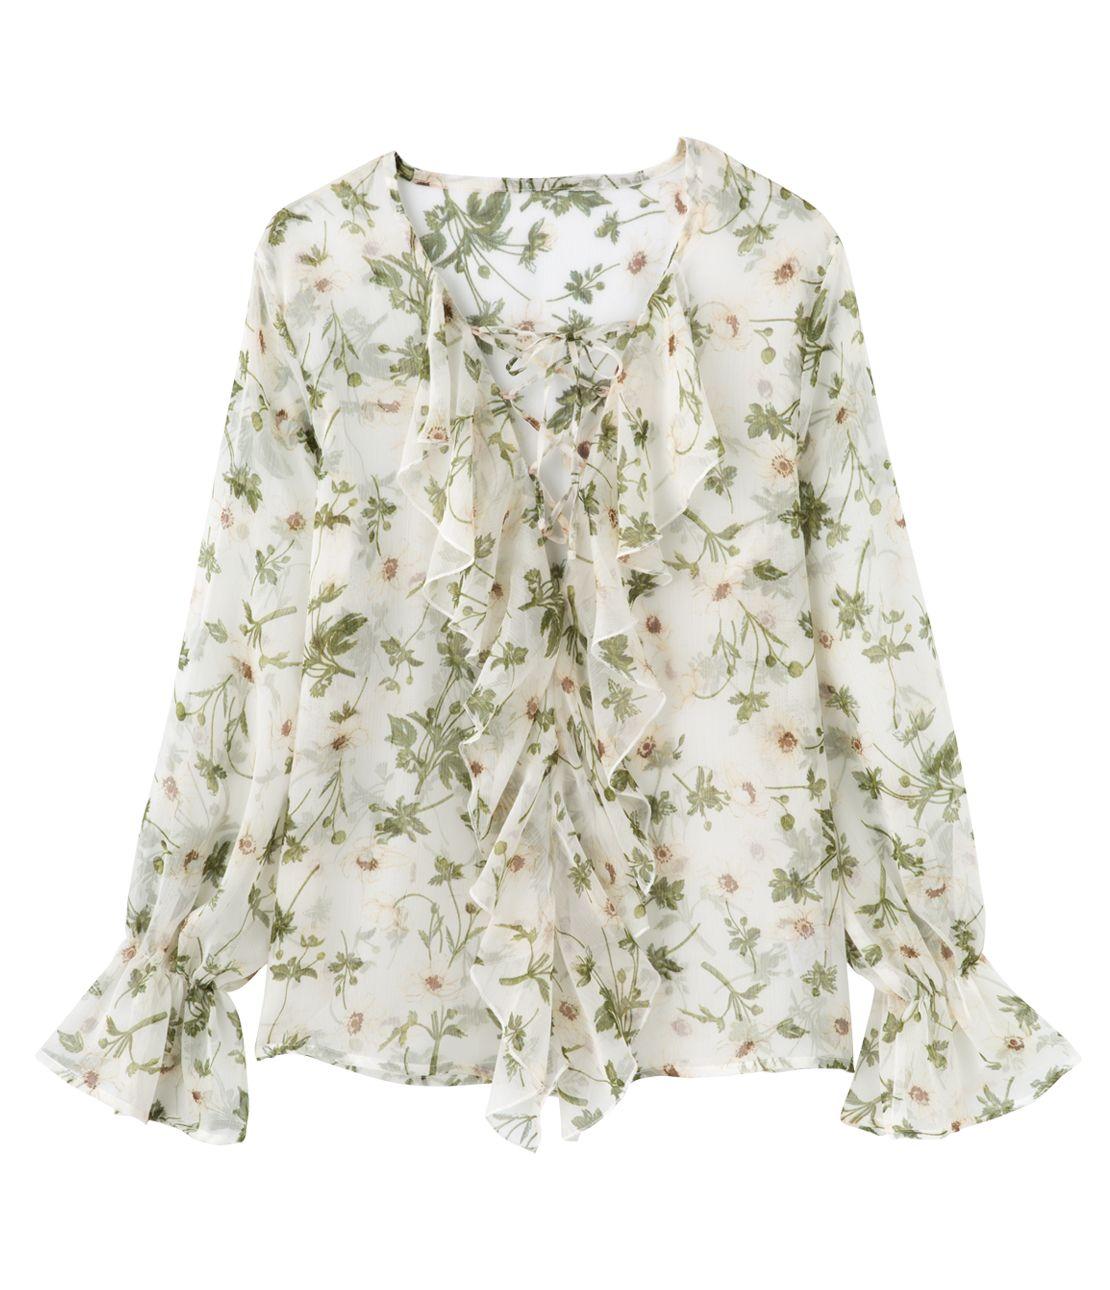 花卉蕾絲上衣向上